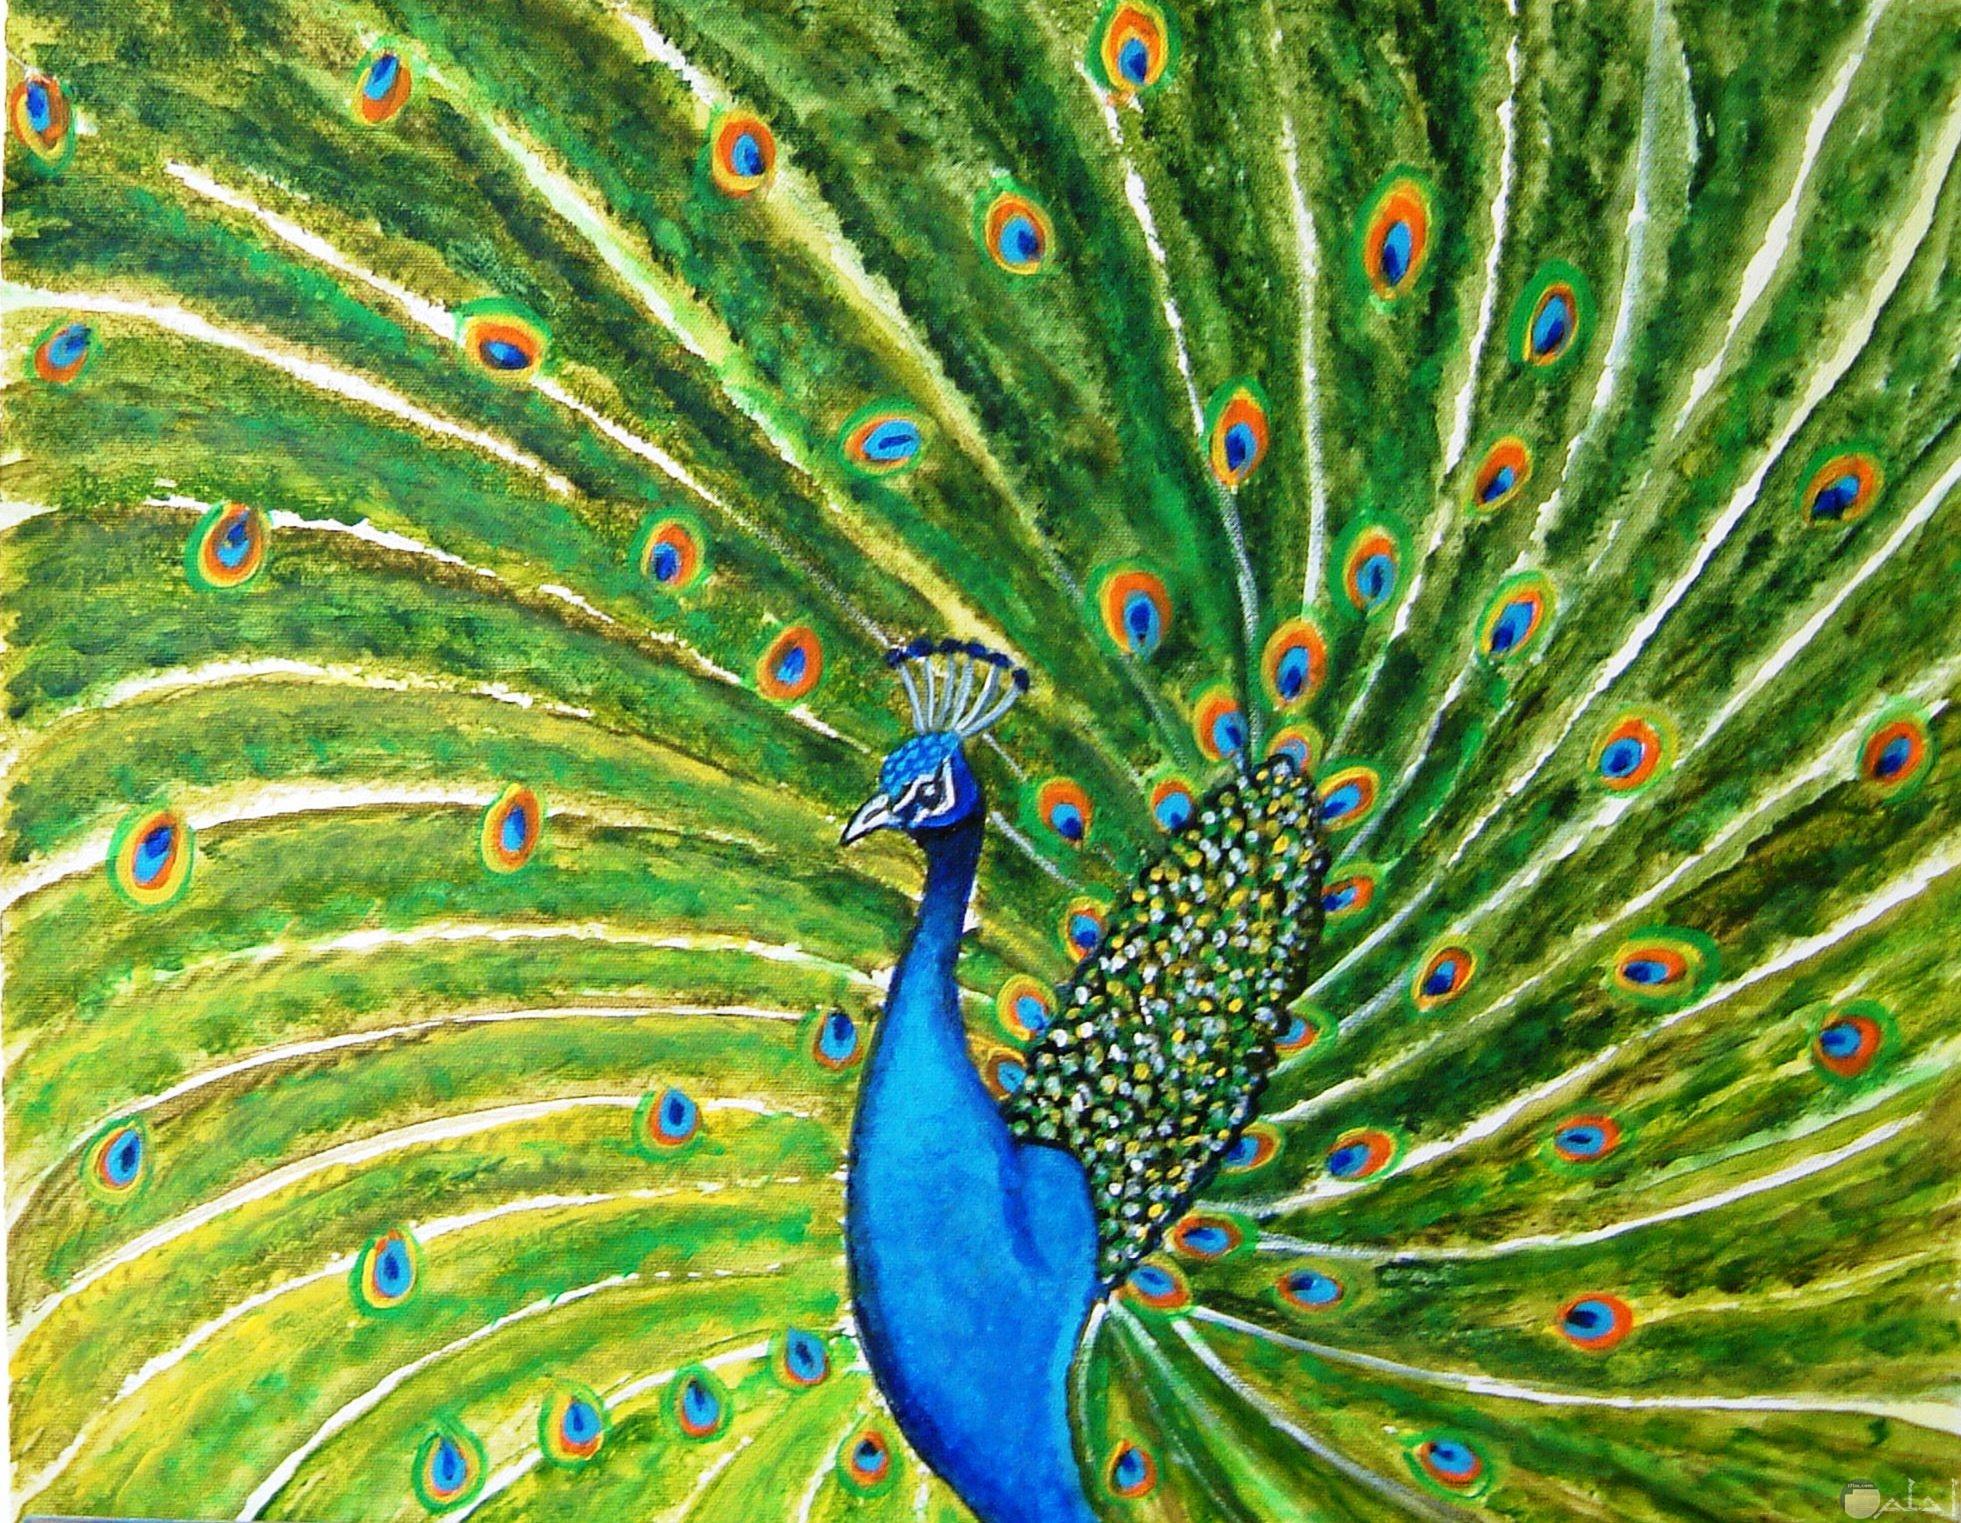 لوحة جميلة الرقى يرسمها الطاووس.